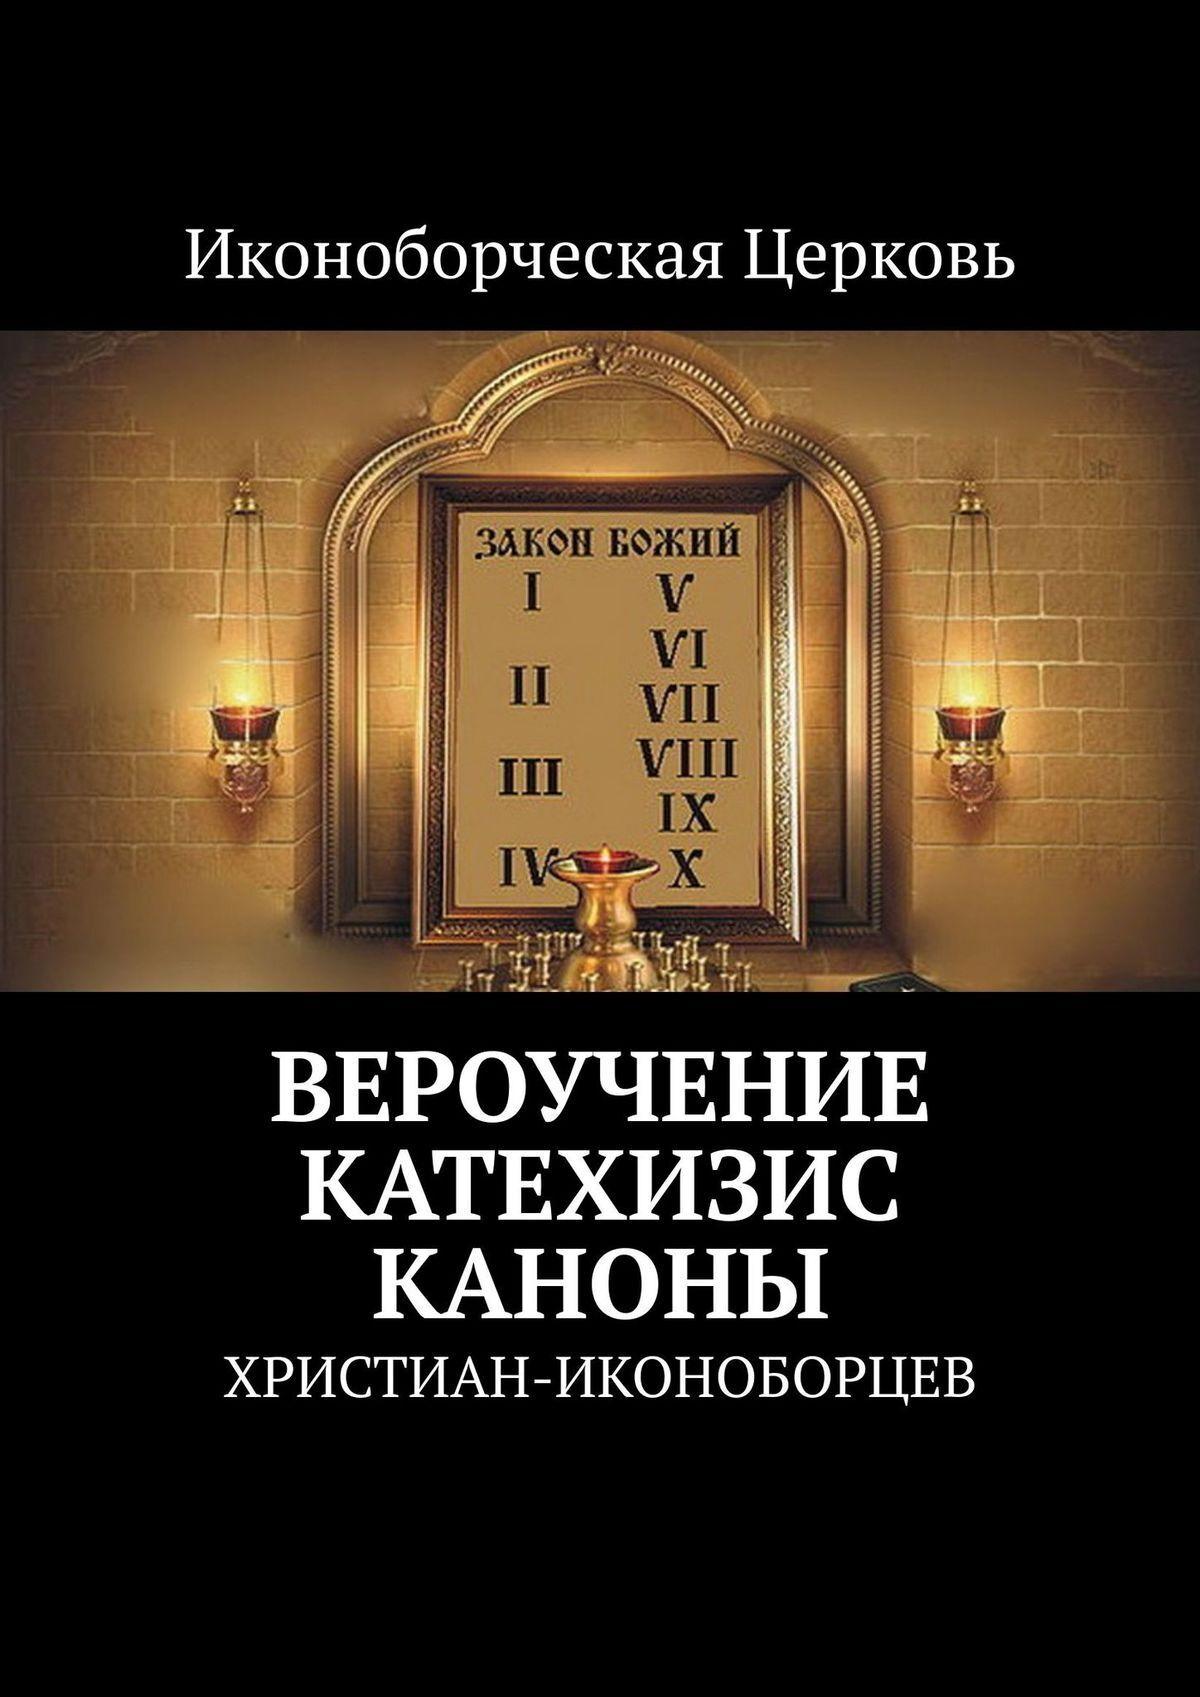 Вероучение, катехизис, каноны христиан-иконоборцев